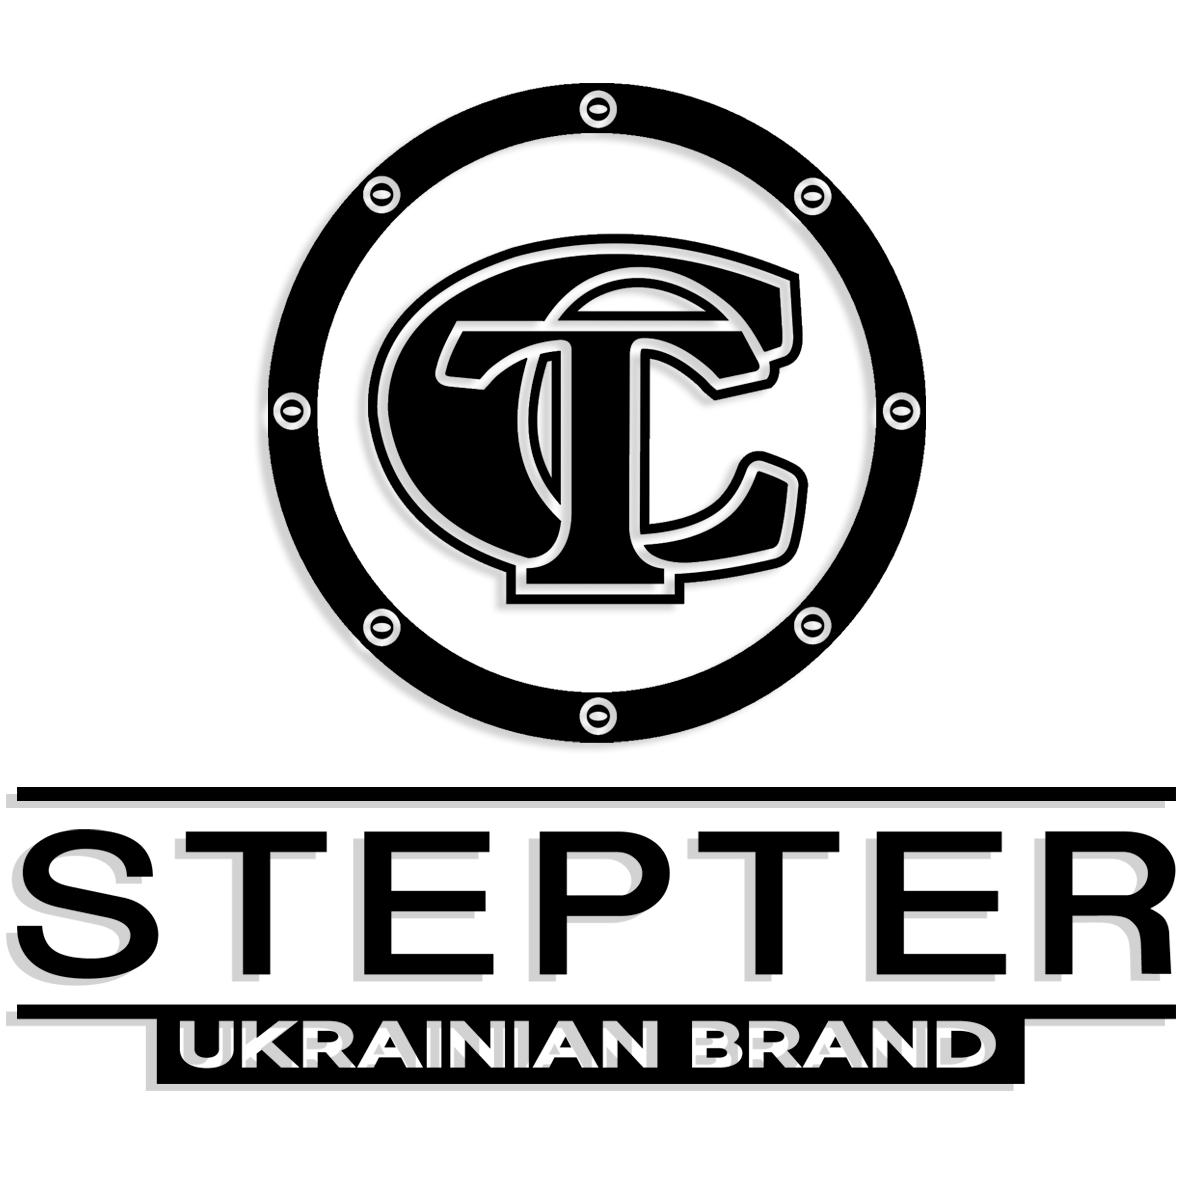 Взуття - купити брендове взуття в інтернет магазині STEPTER 30eff3332763f